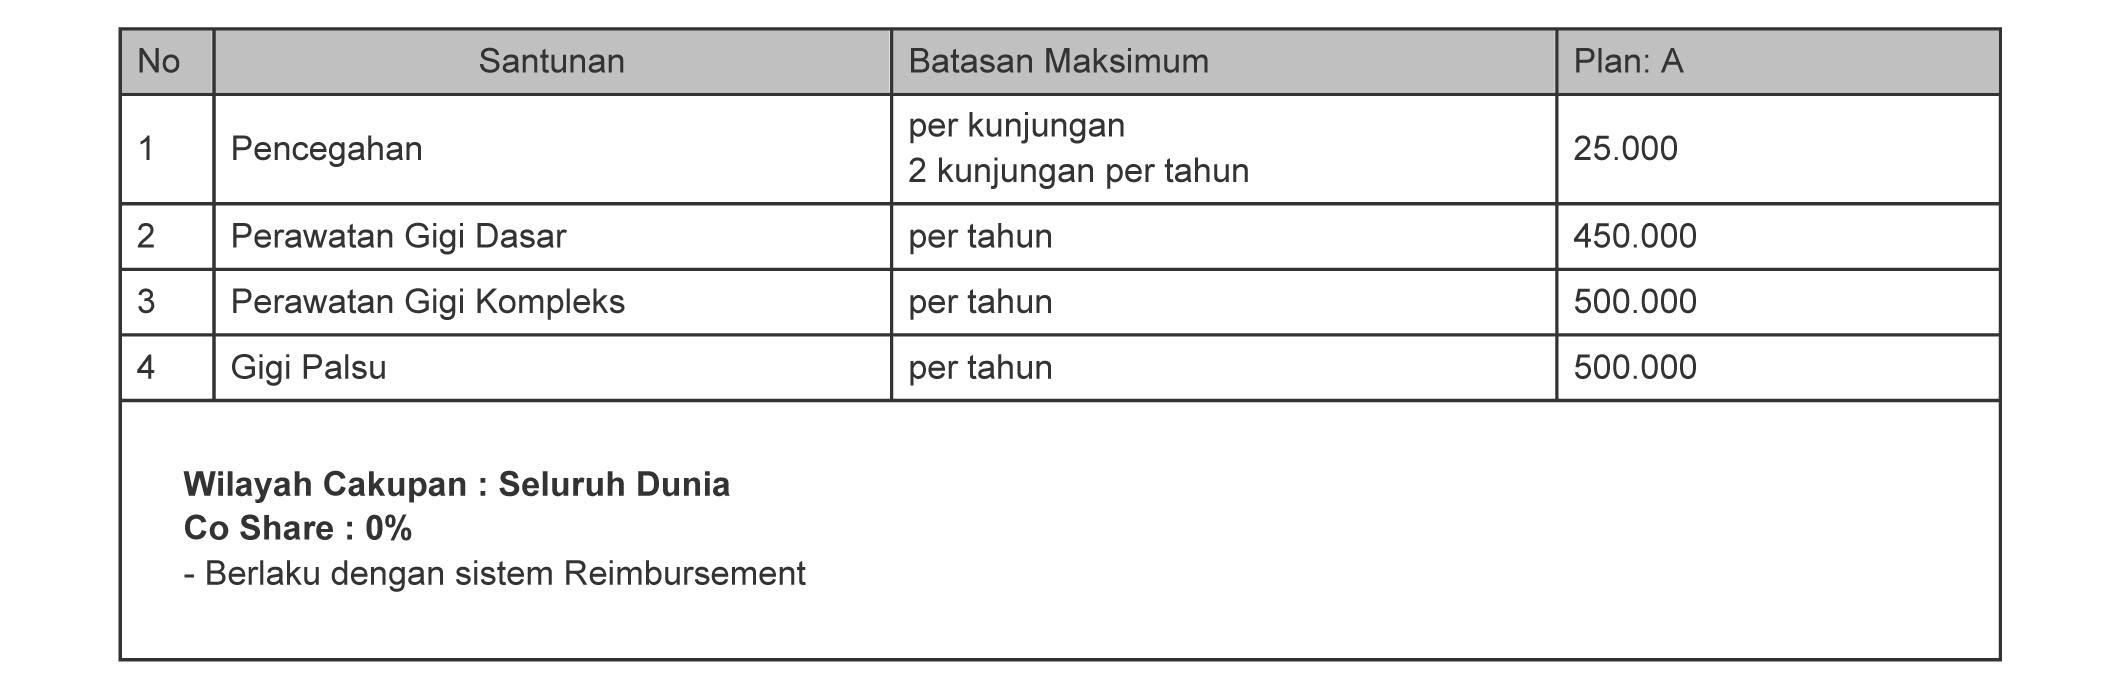 Tabel Manfaat Asuransi Rawat Gigi Smarthealth Maxi Violet atau Allisya Care Plan A